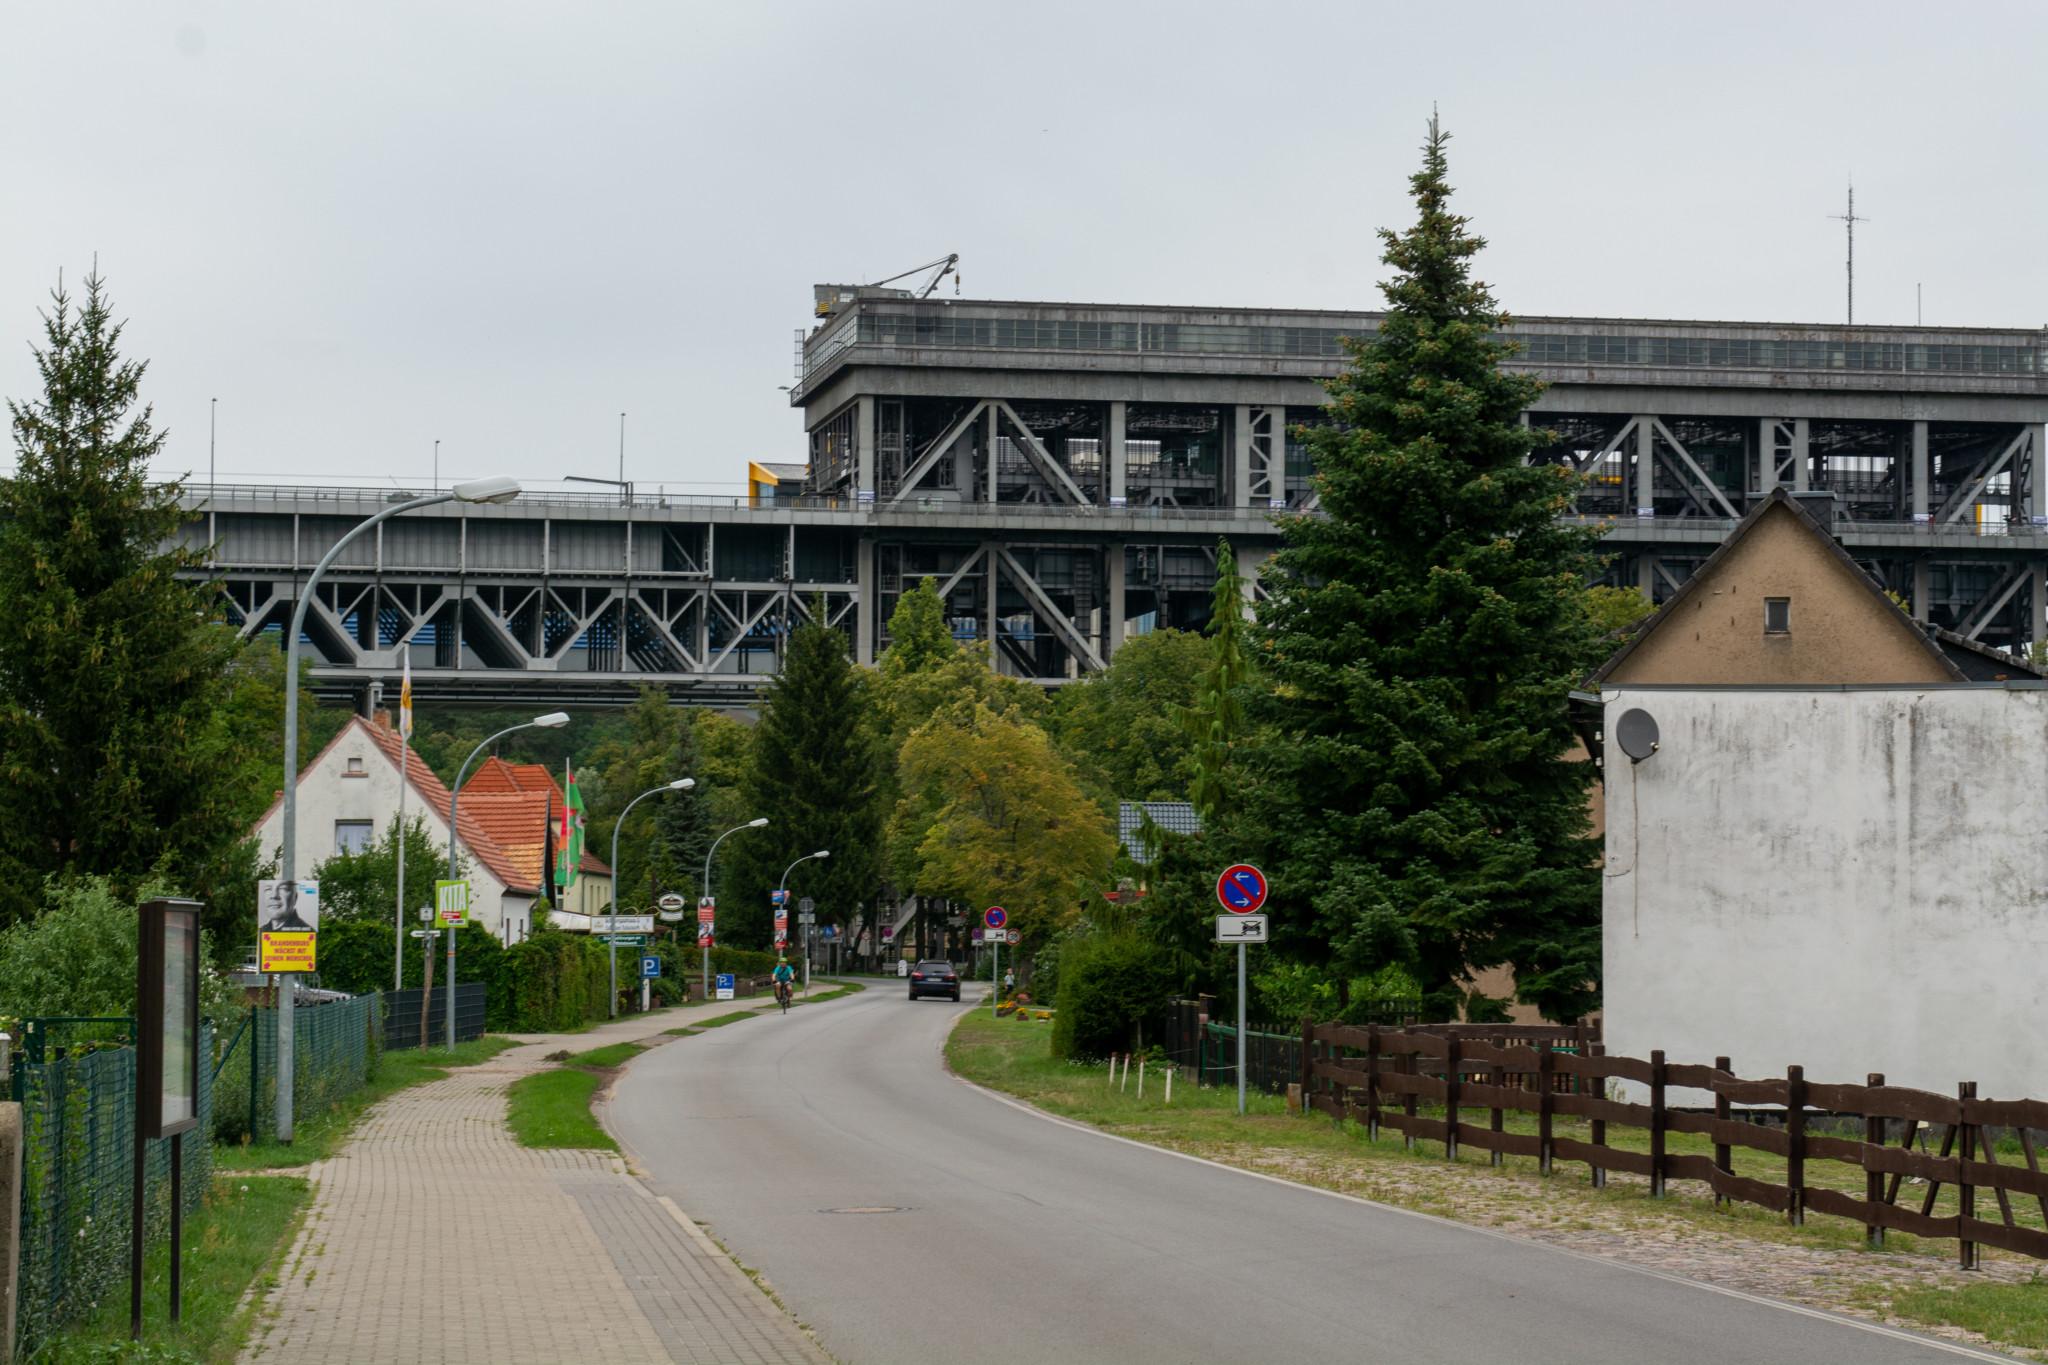 Ausflugstipp für Familien in Brandenburg ist das Schiffshebewerk in Niederfinow